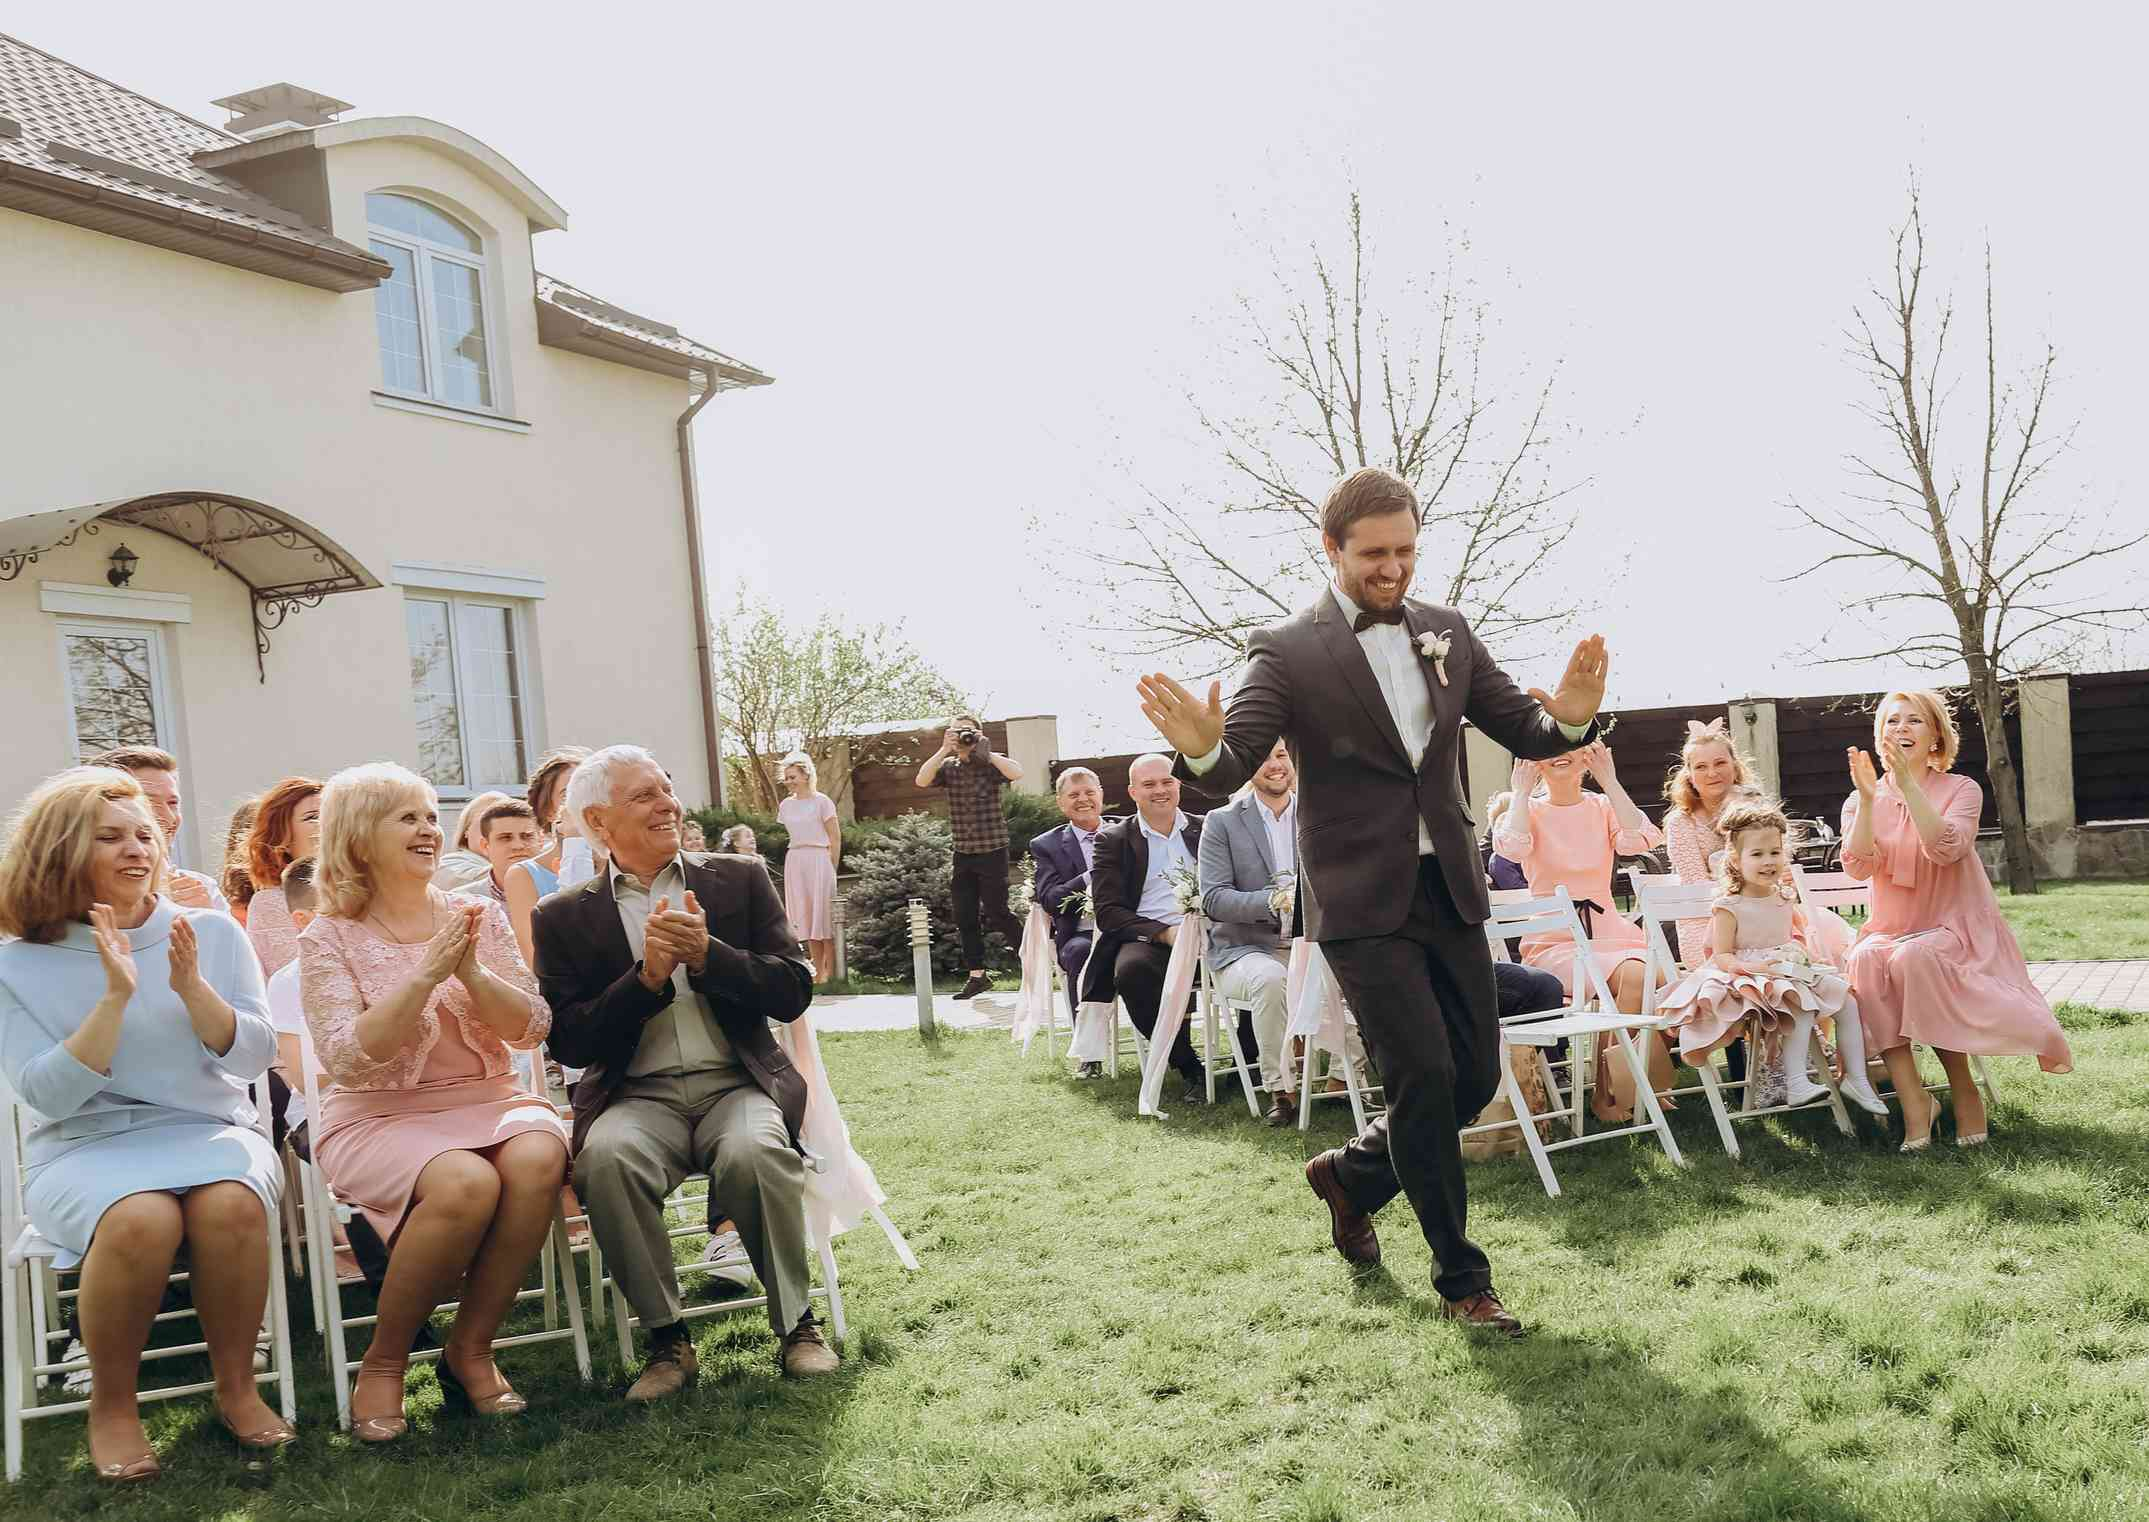 свадебная церемония появление жениха